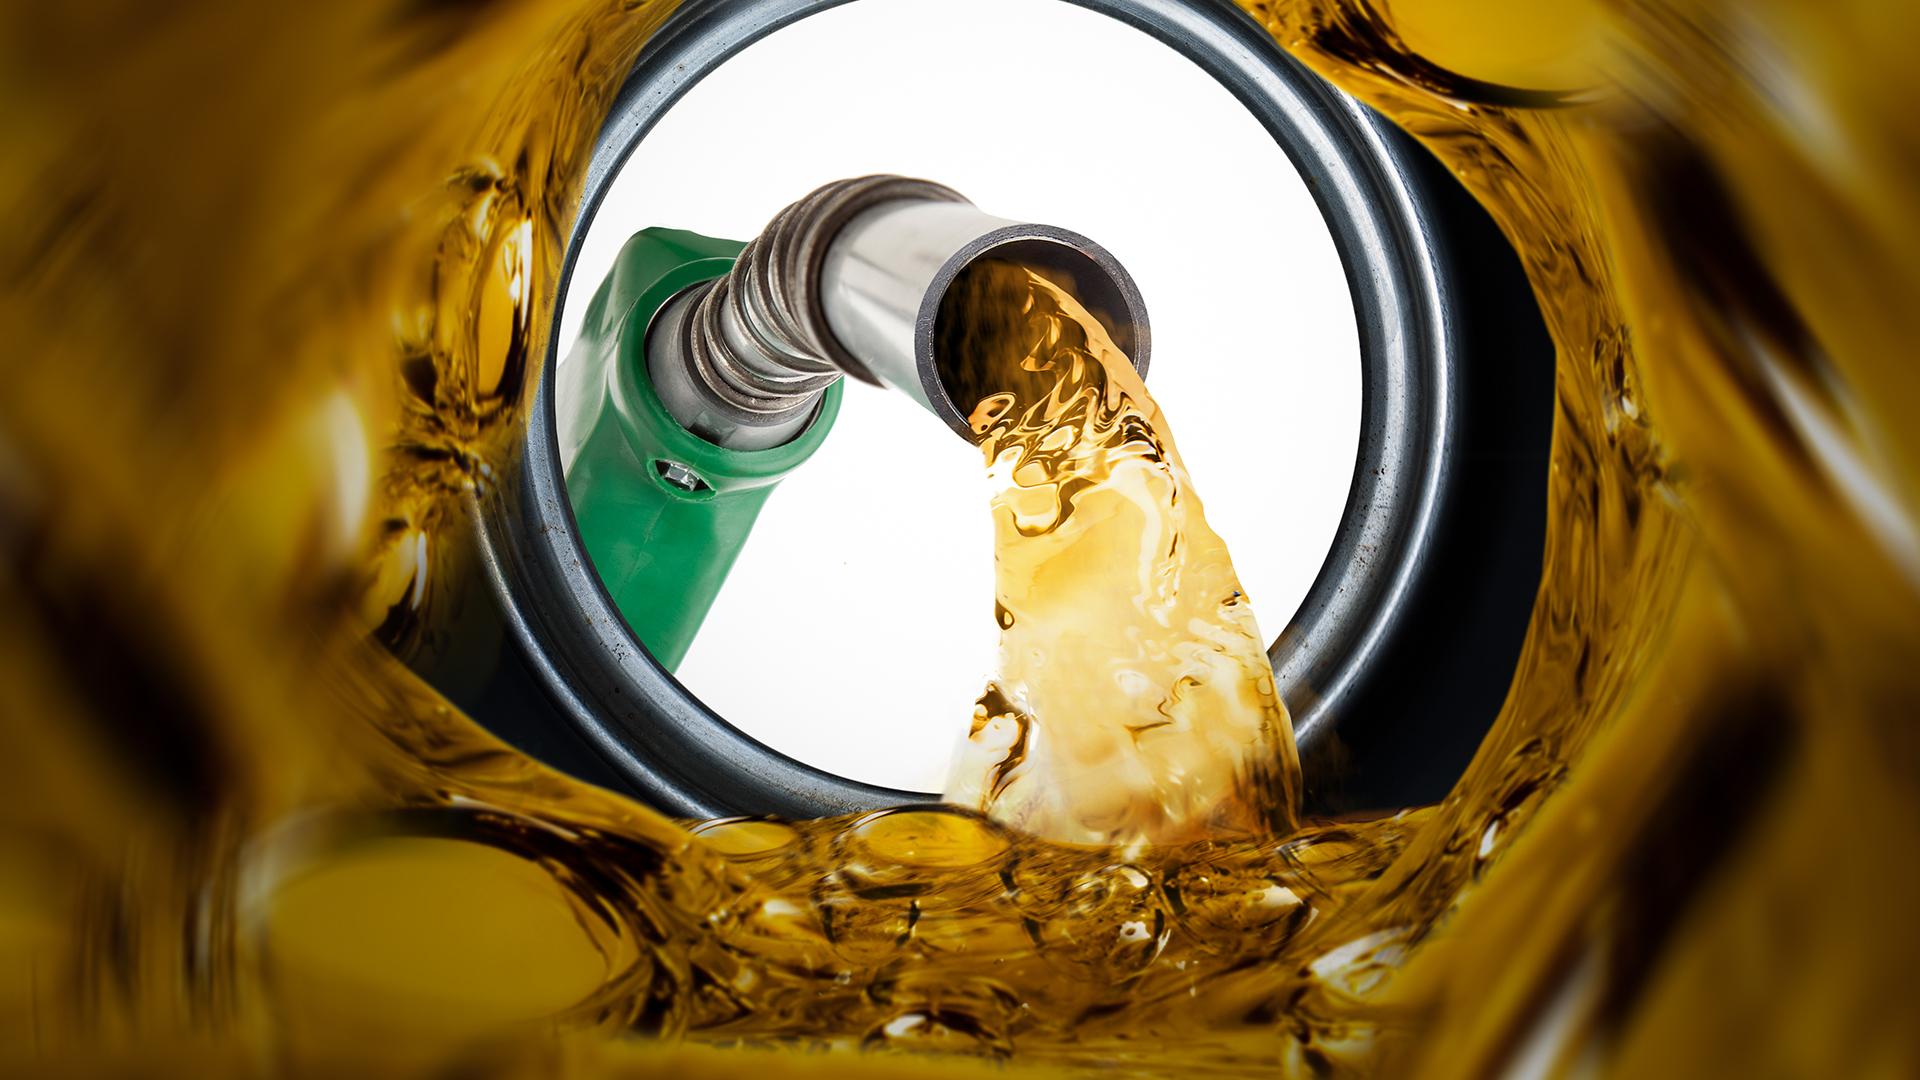 За некачественное топливо автозаправку оштрафовали на 500 тысяч рублей